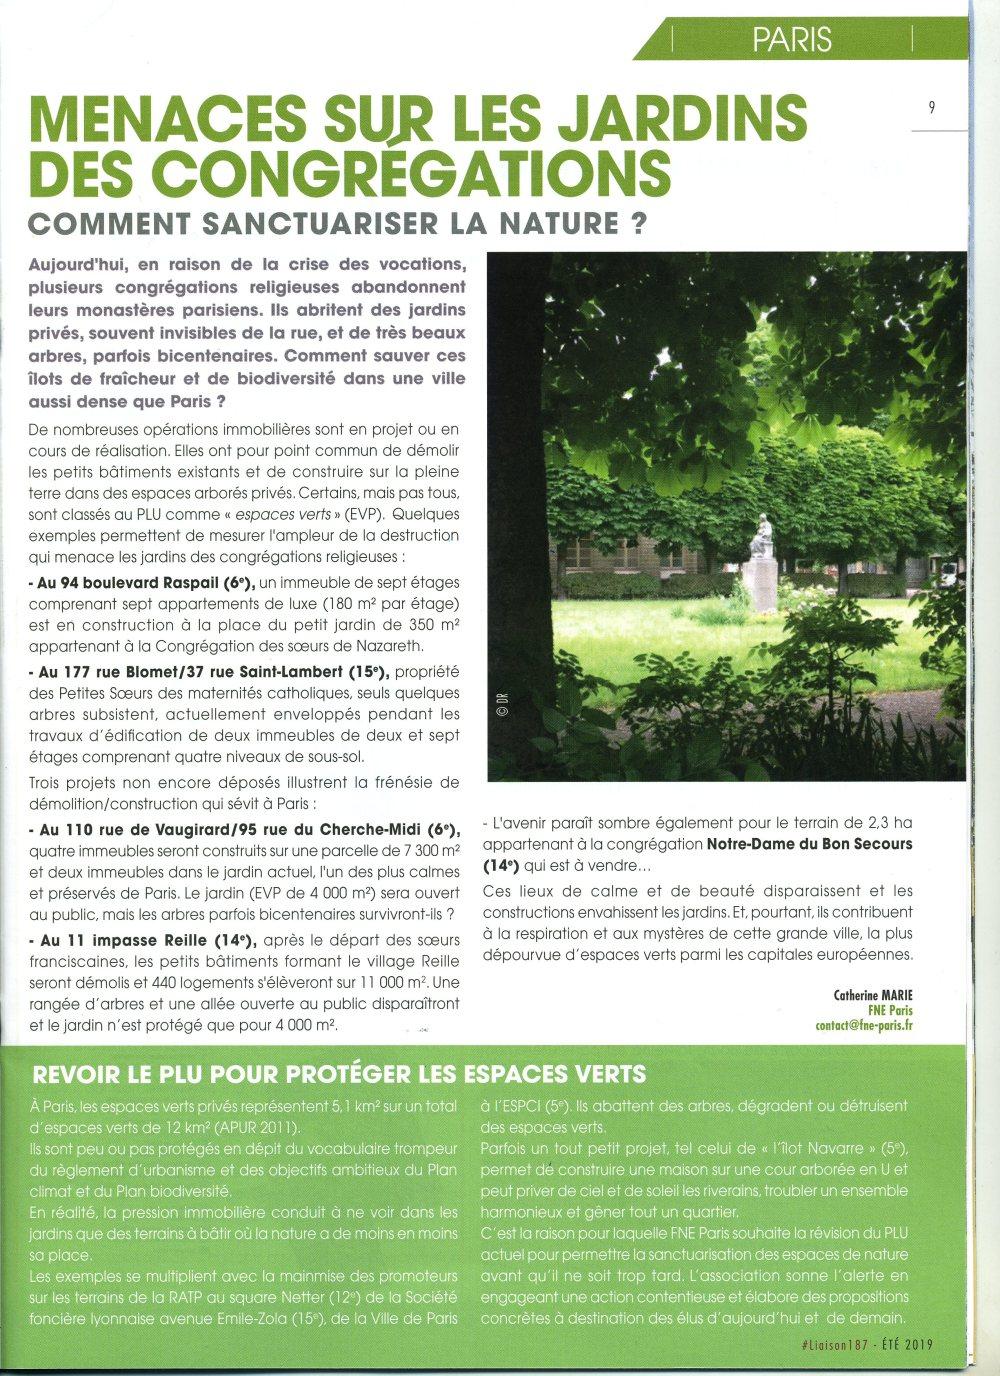 ArticleLiaisonFNEIledeFranceEté2019.jpg